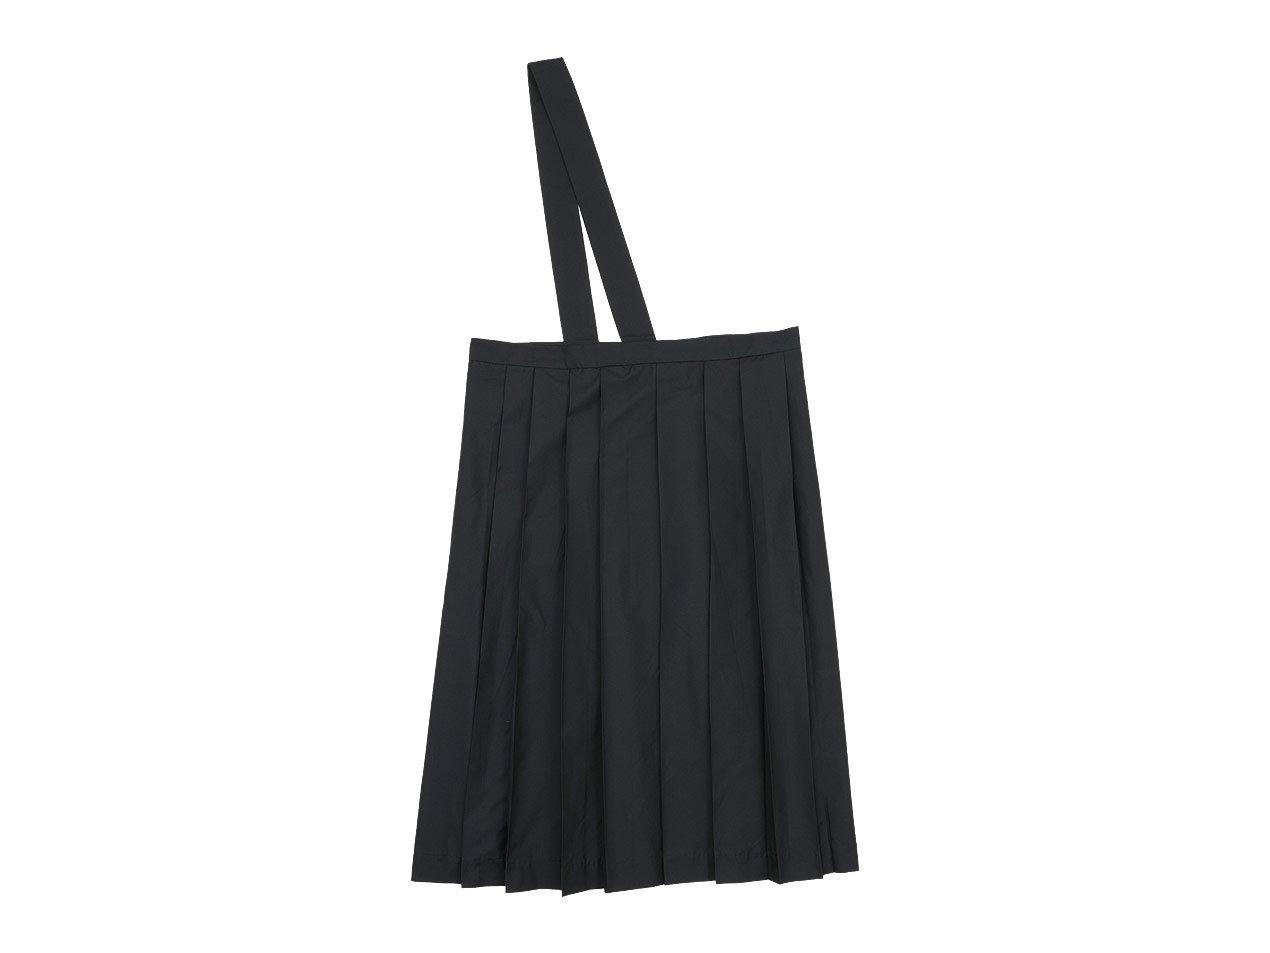 TOUJOURS One Shoulder Random Pleated Skirt NAVY BLACK 【TM31EK04】